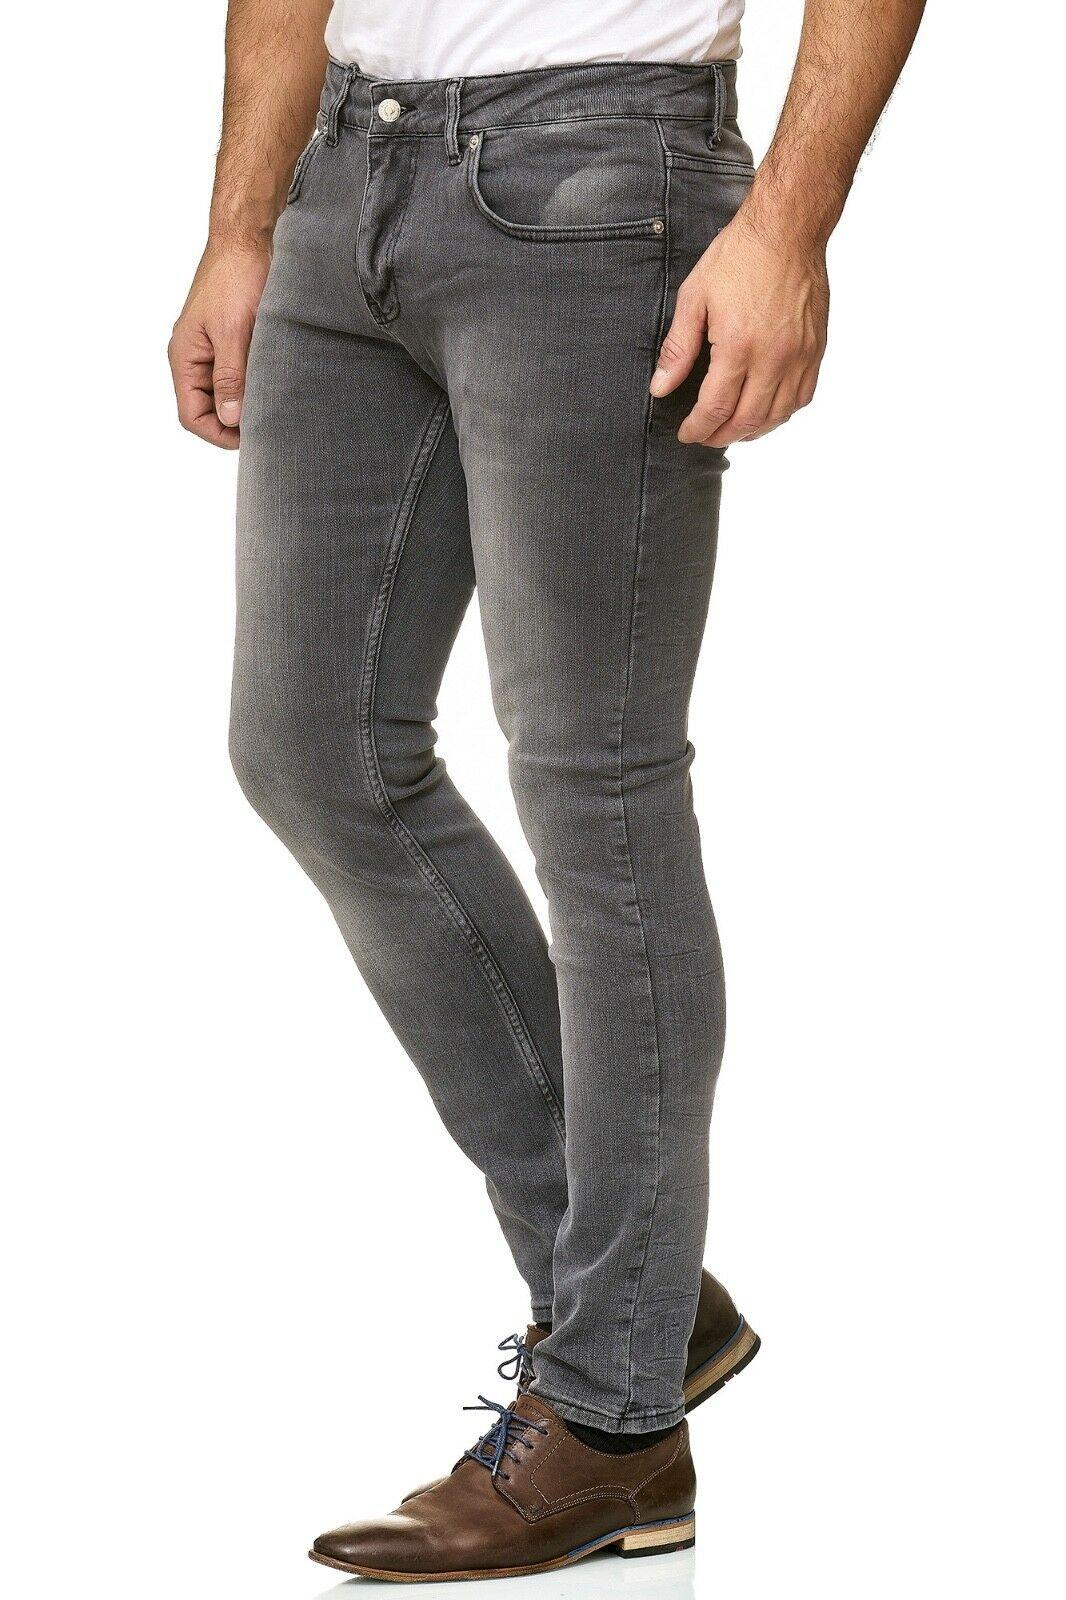 Herren-Jeanshosen-Stretch-Hose-Slim-fit-SKINNY-Jeans-Blau-Schwarz-Grau-Weiss Indexbild 33